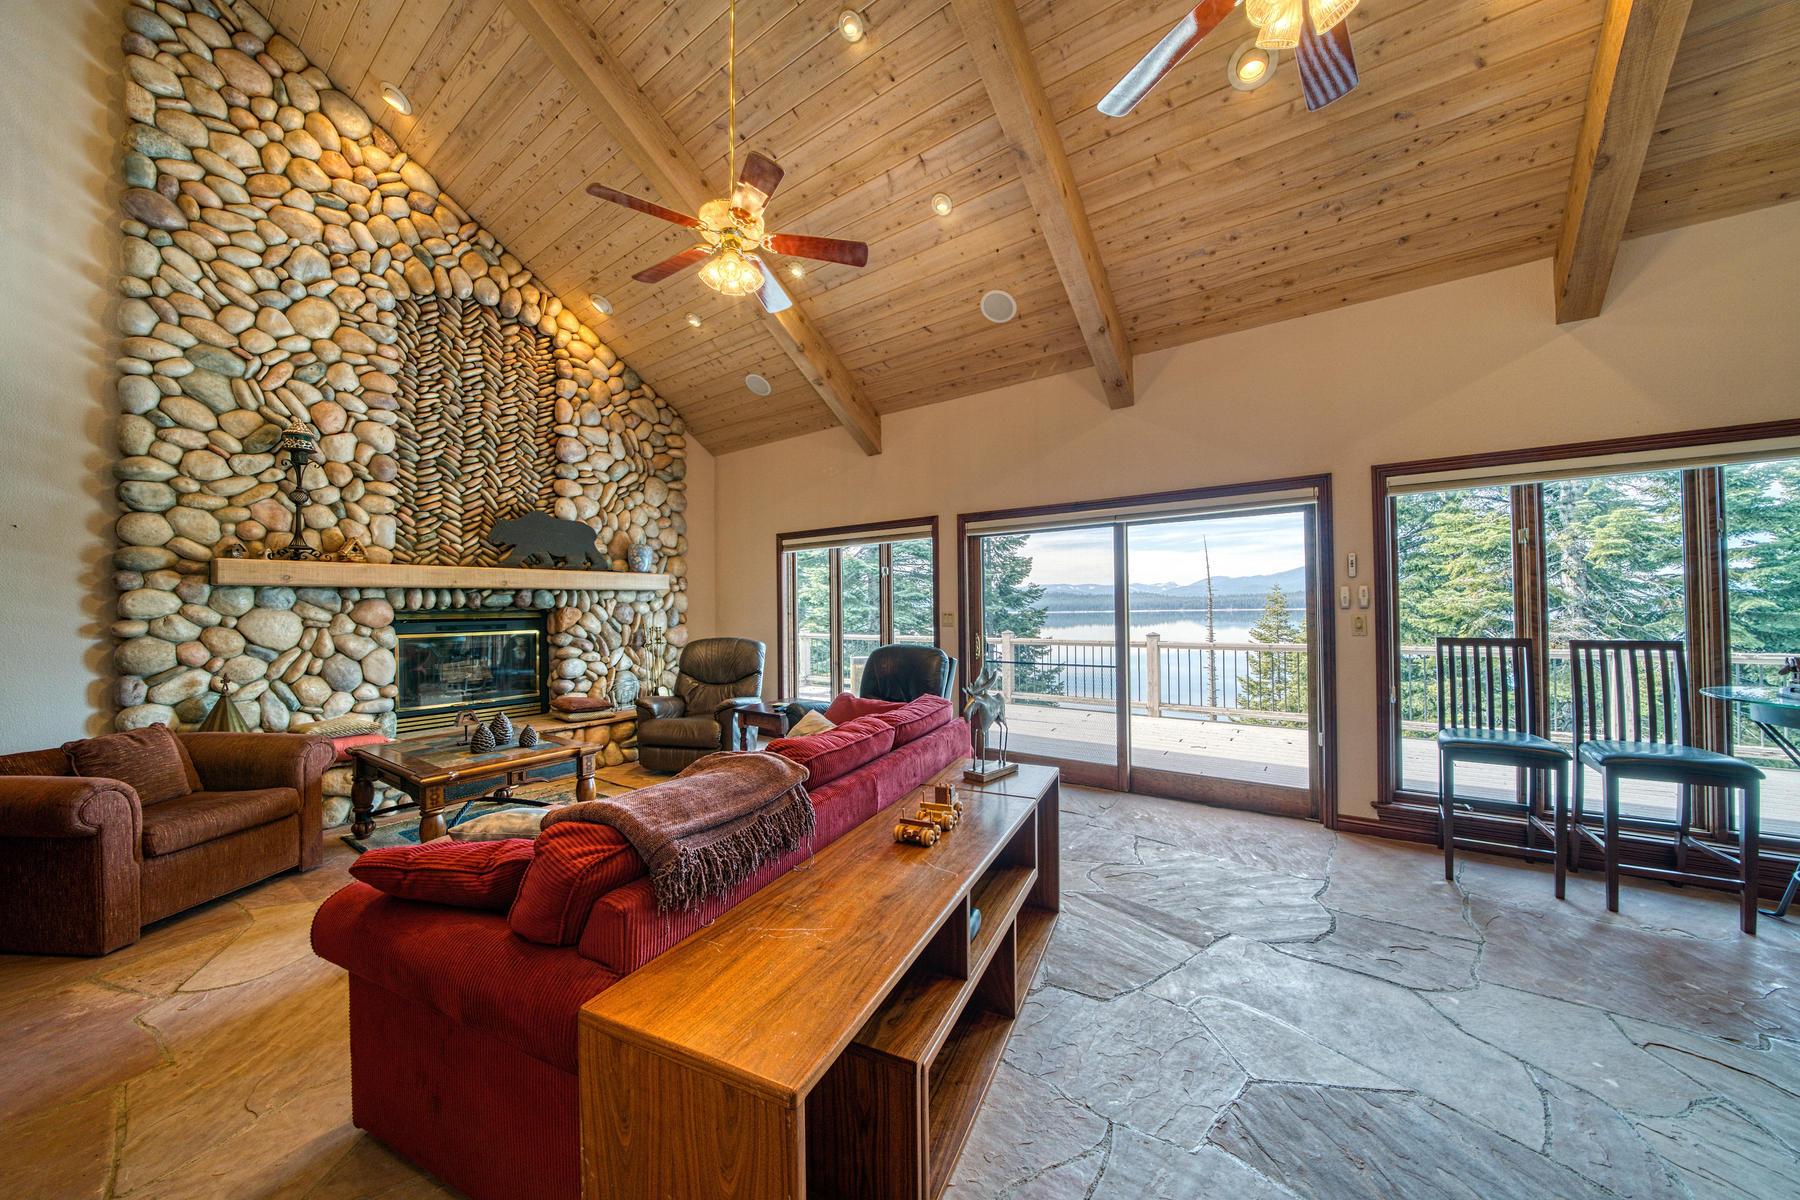 Property 为 销售 在 Beautiful lake front home 925 Lassen View Drive Lake Almanor, 加利福尼亚州 96137 美国